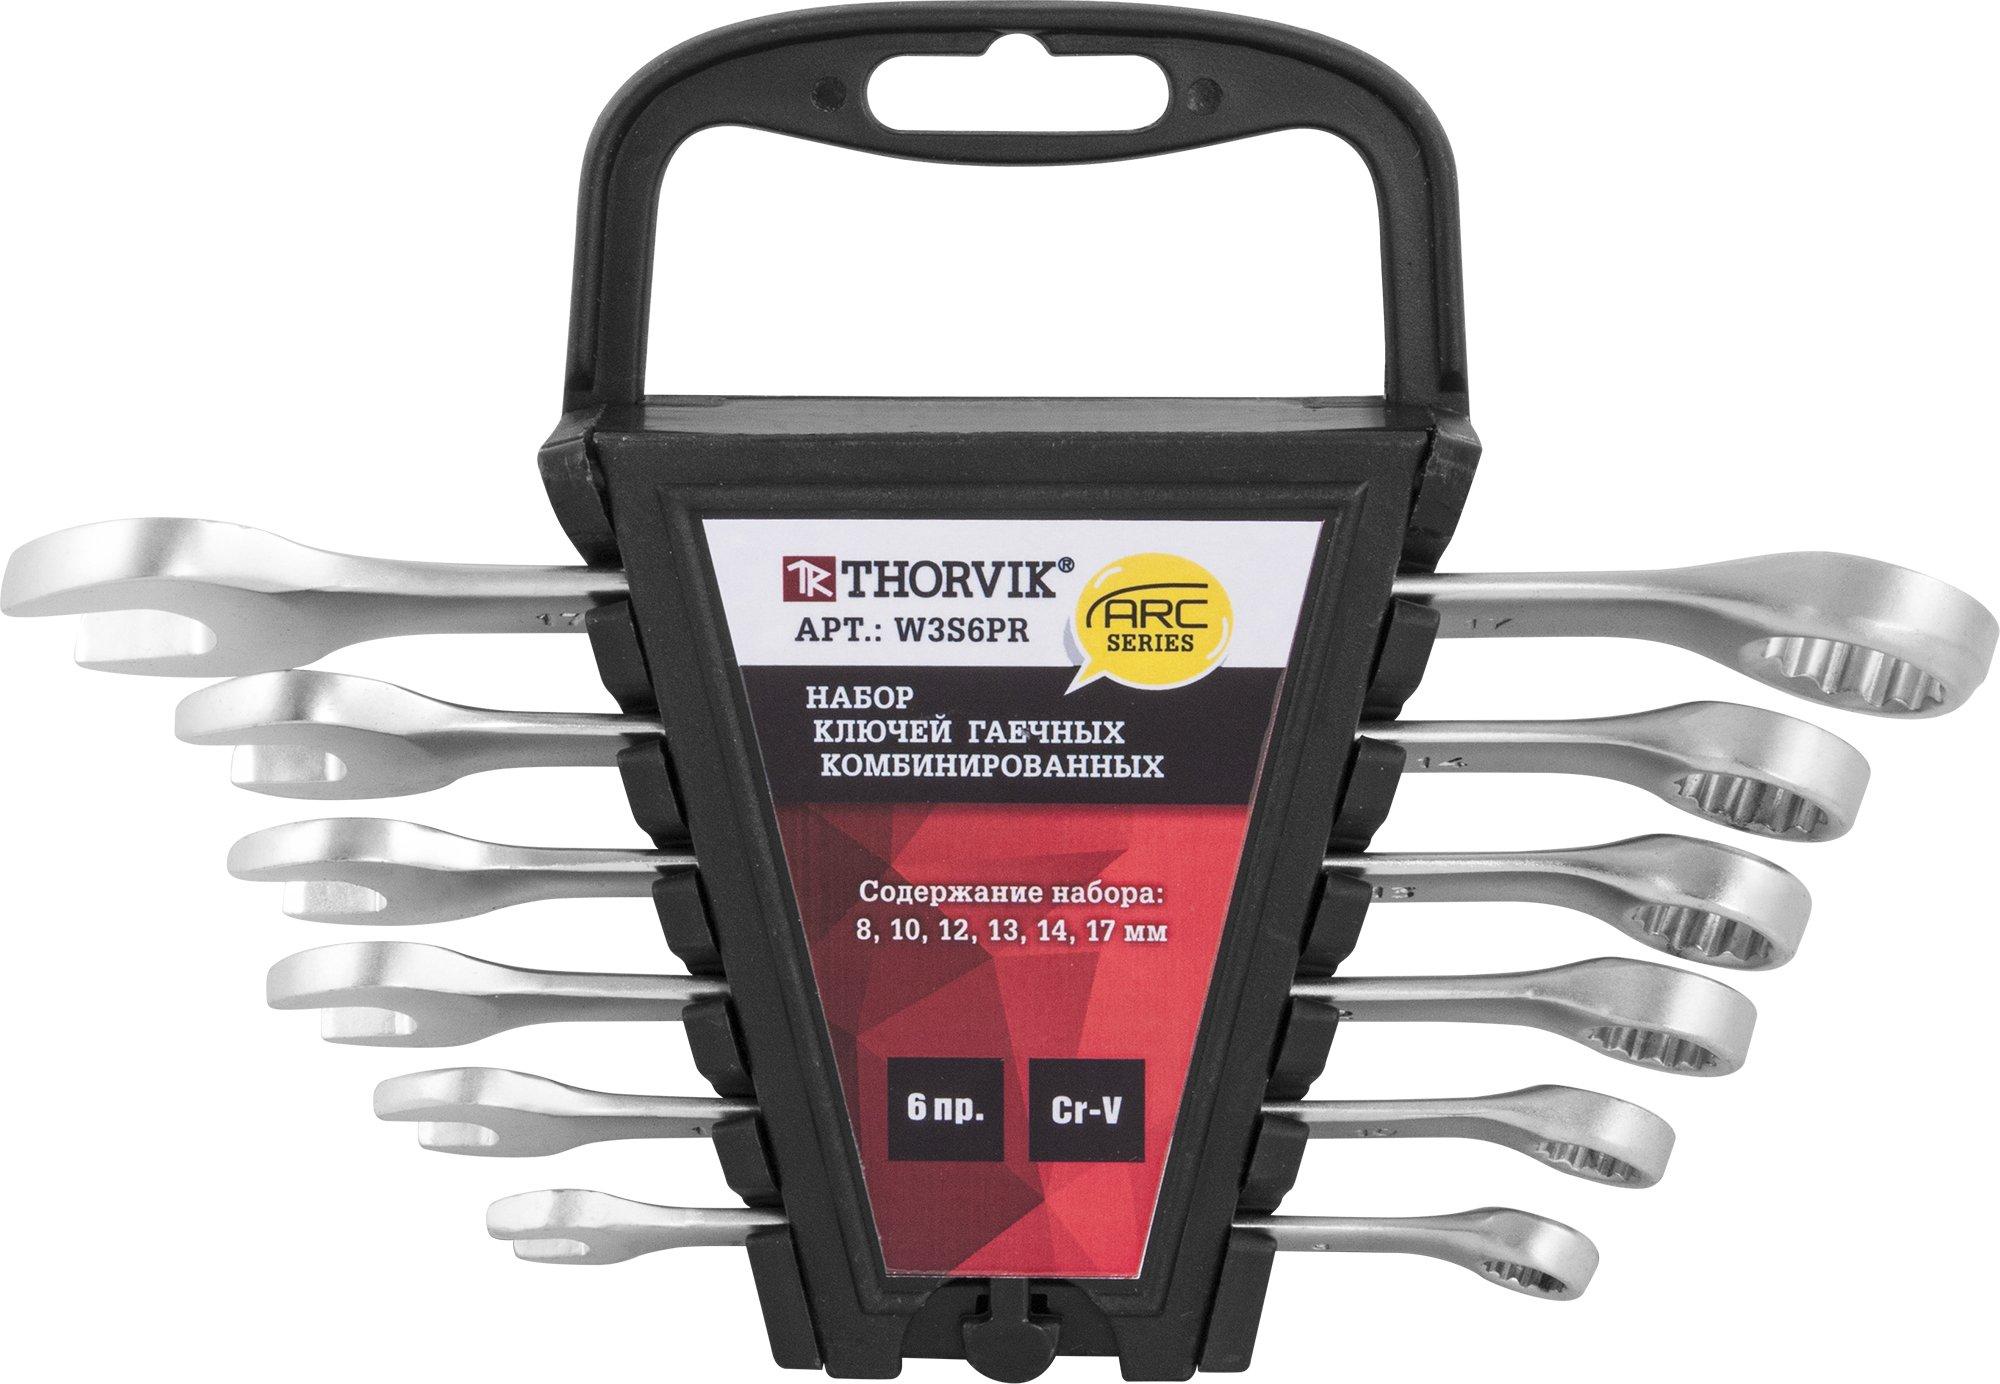 Набор ключей комбинированных на пластиковом держателе 8-17 мм, 6 предметов Thorvik THK-8786